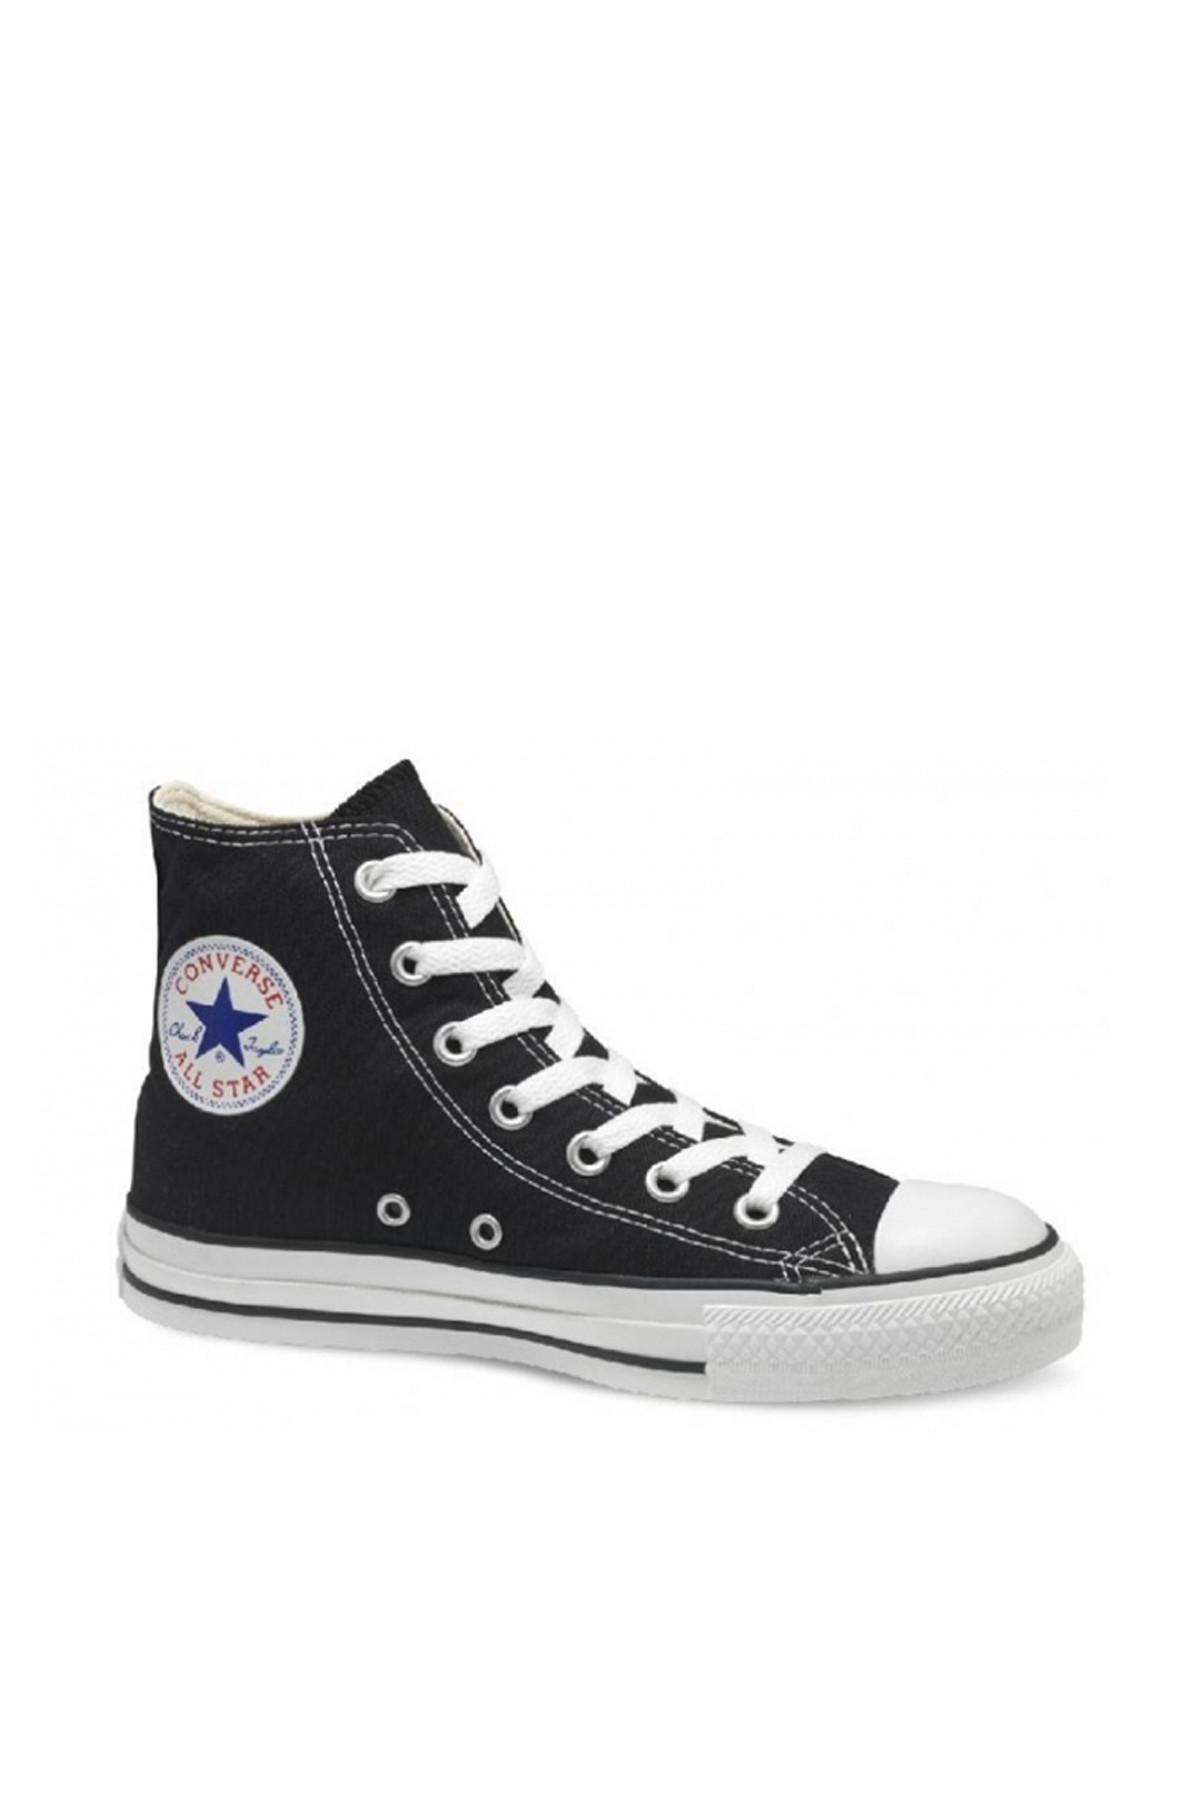 converse Kadın Sneaker - All Star HI Spor Ayakkabı - M9160C 1